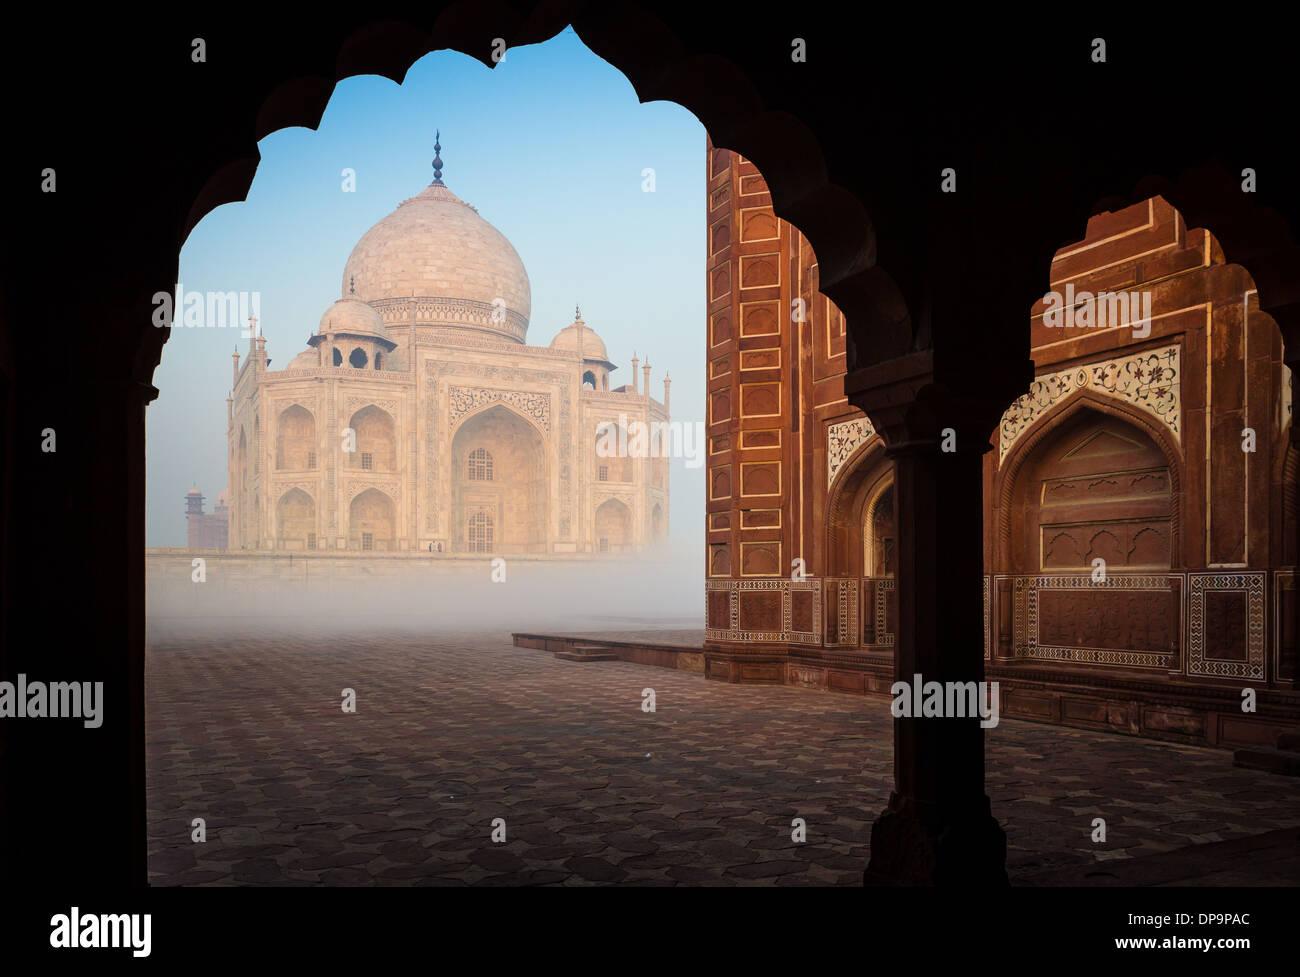 Il Taj Mahal è un marmo bianco mausoleo situato in Agra, Uttar Pradesh, India Foto Stock